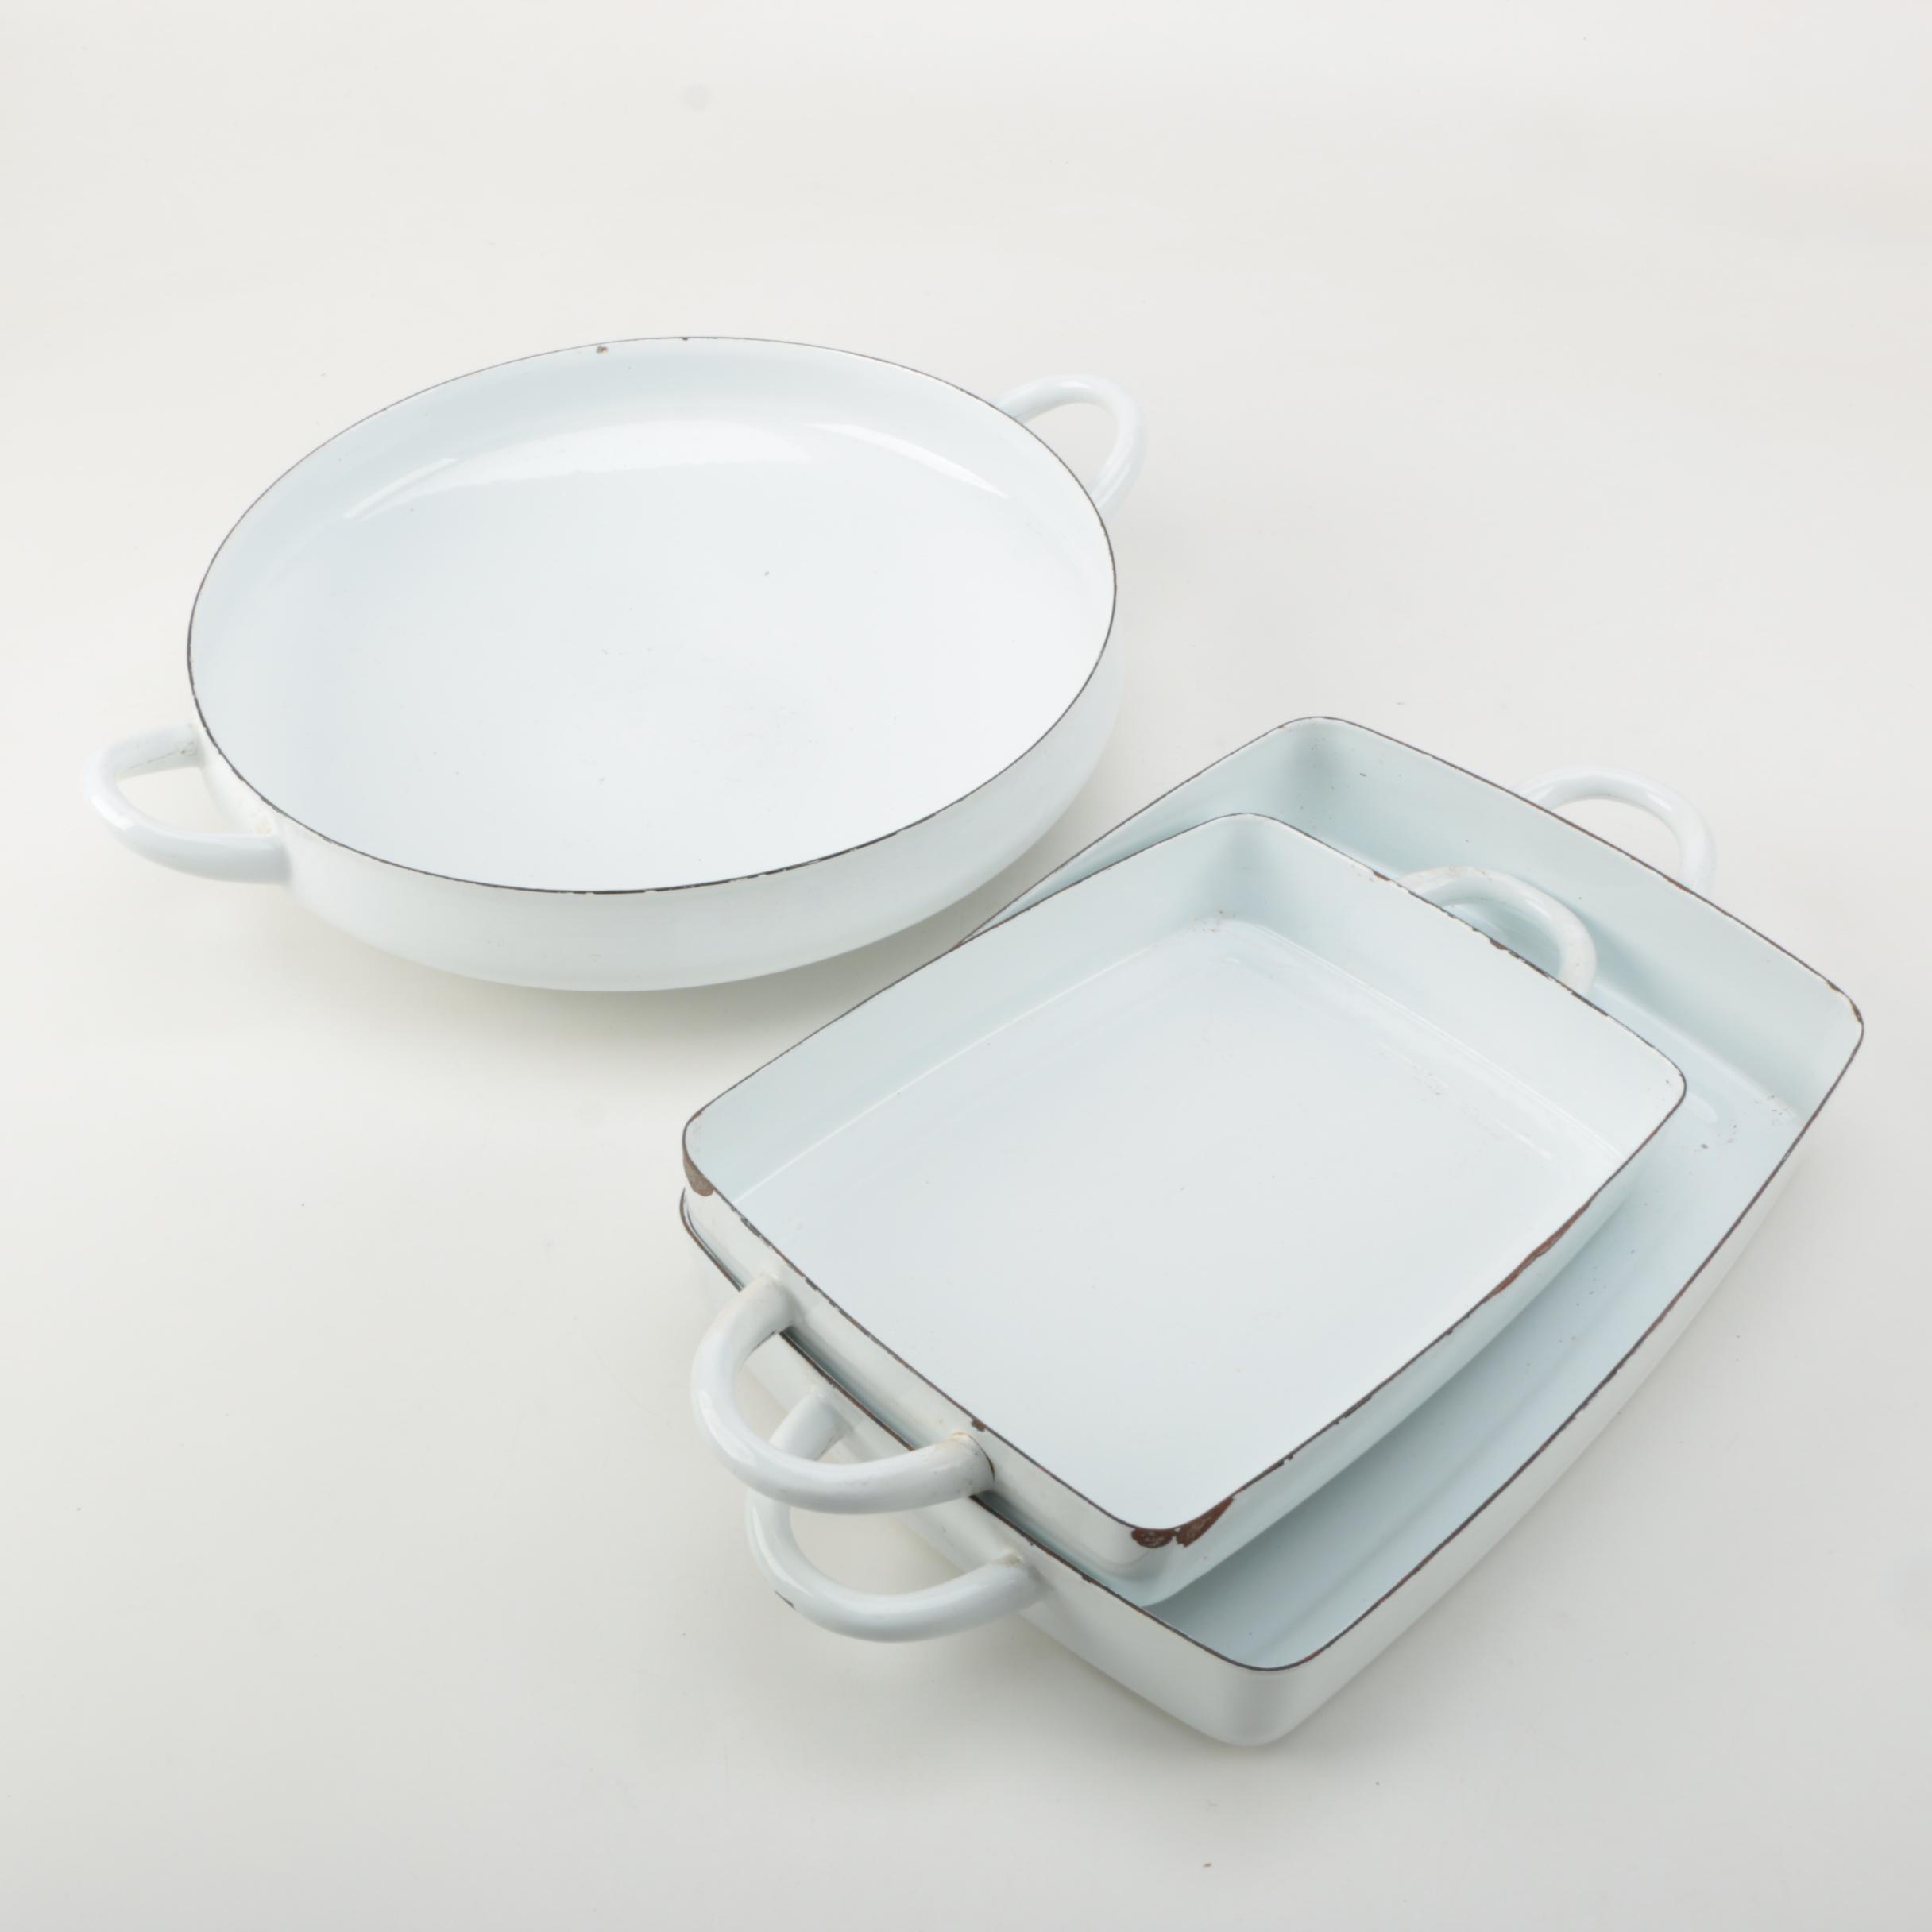 Dansk White Enameled Cast Iron Cookware